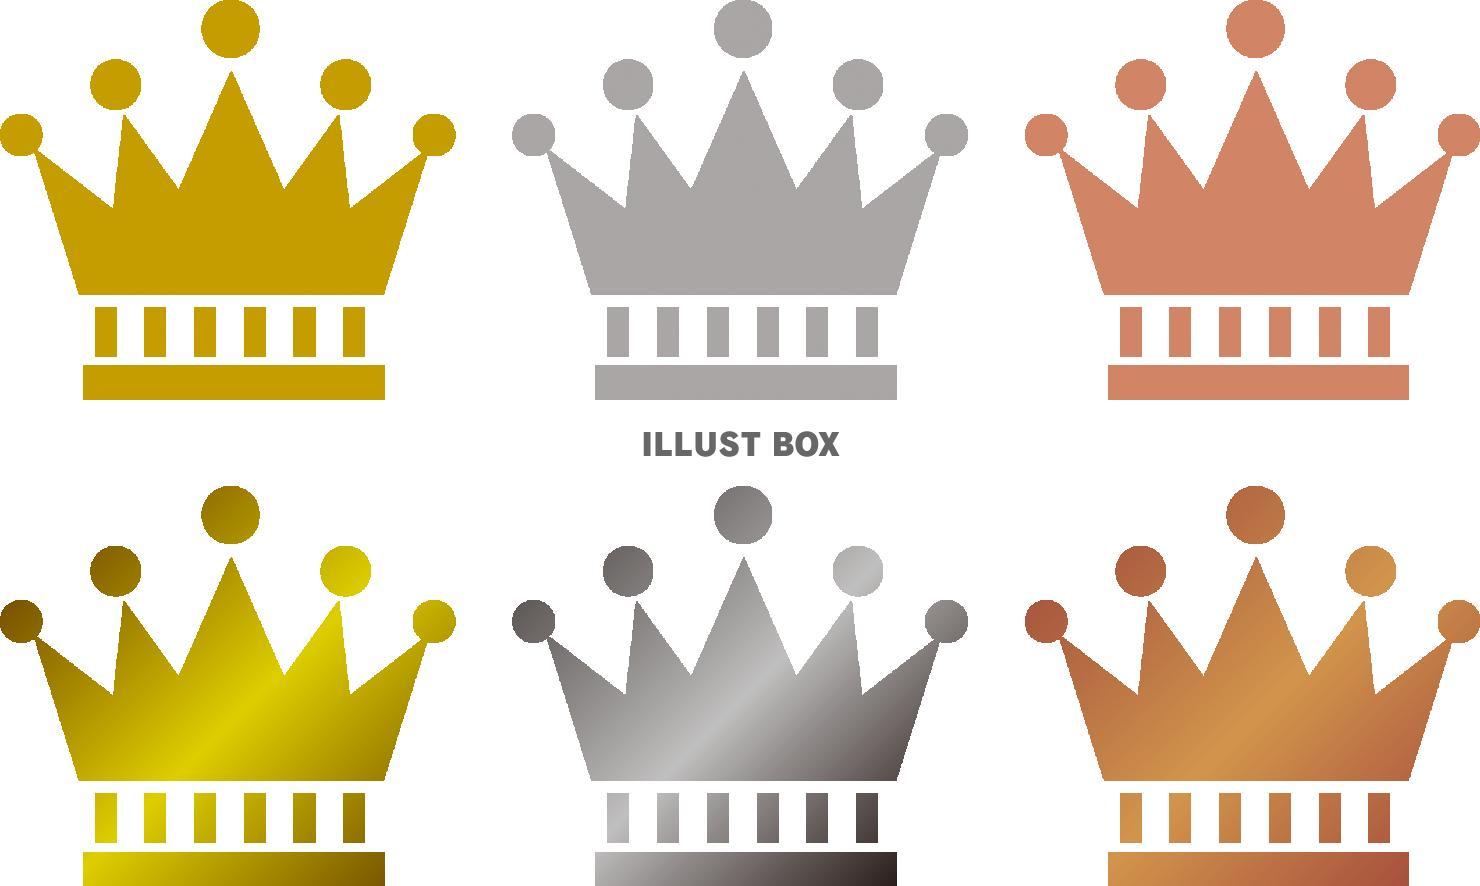 王冠 イラスト無料